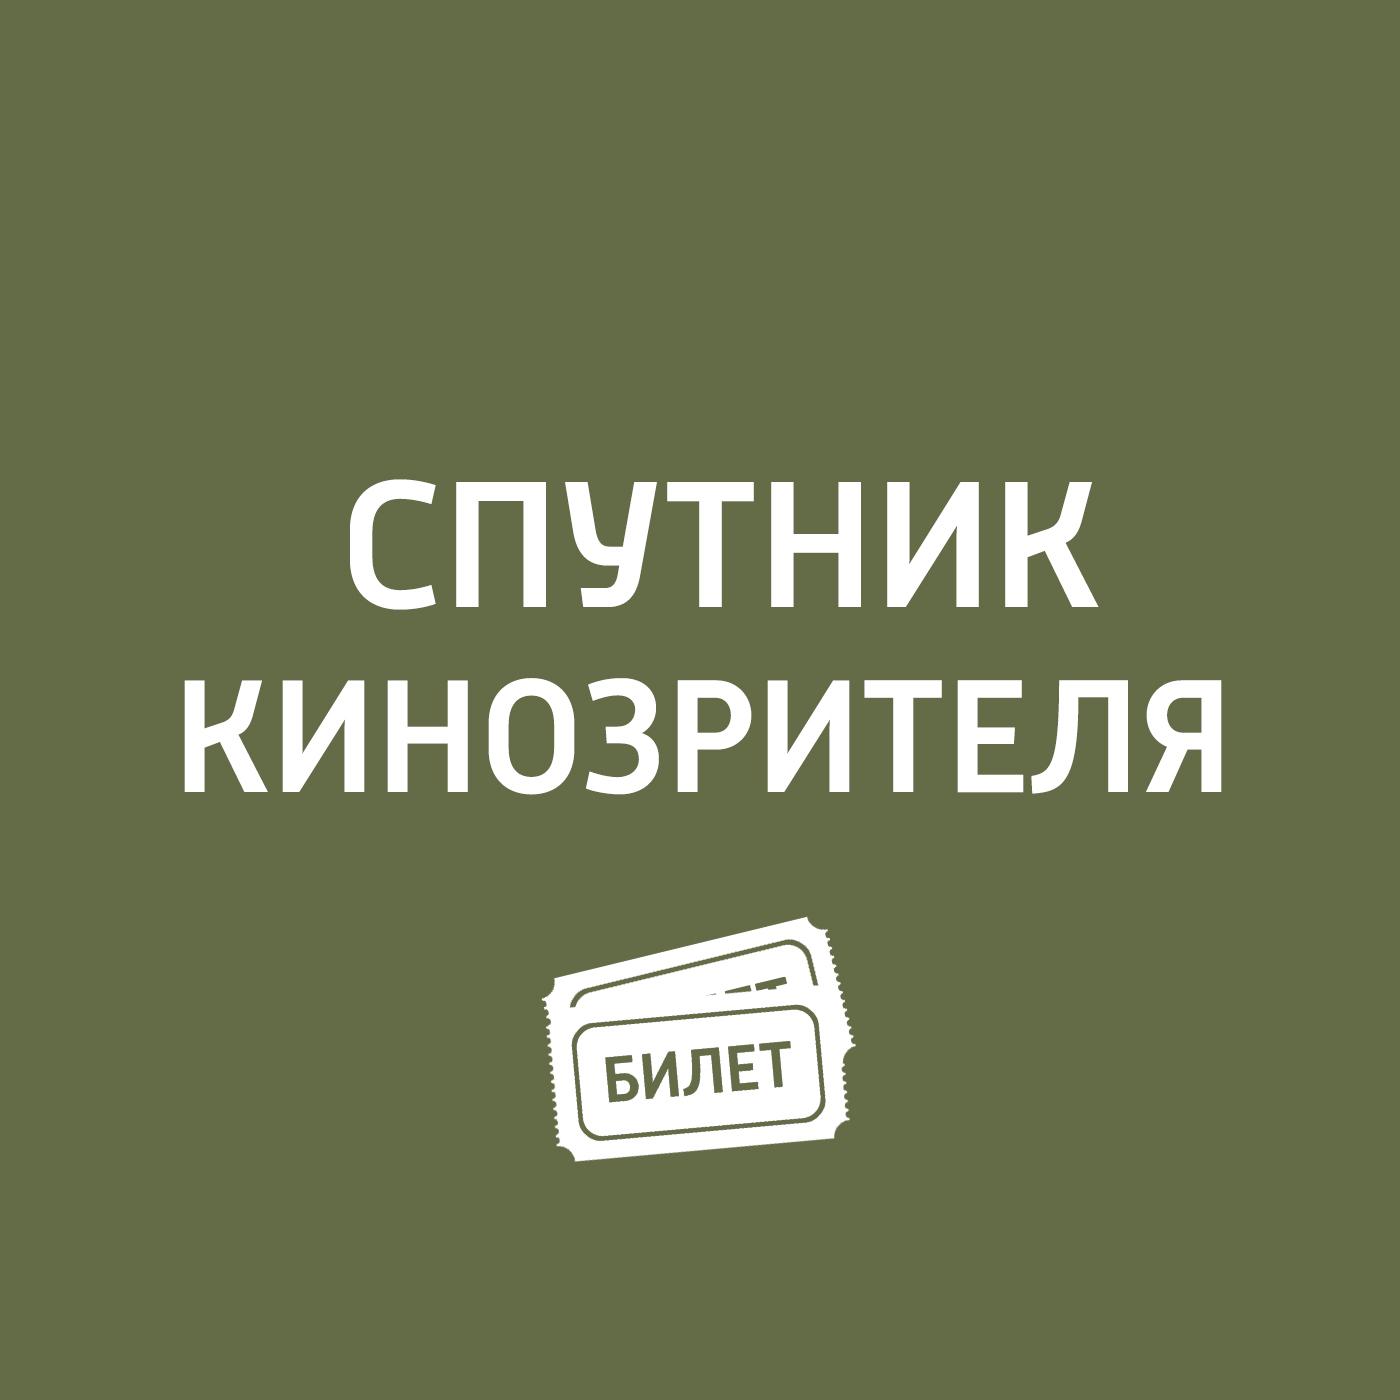 Антон Долин Итоги «Золотого глобуса антон долин итоги премии оскар 2018